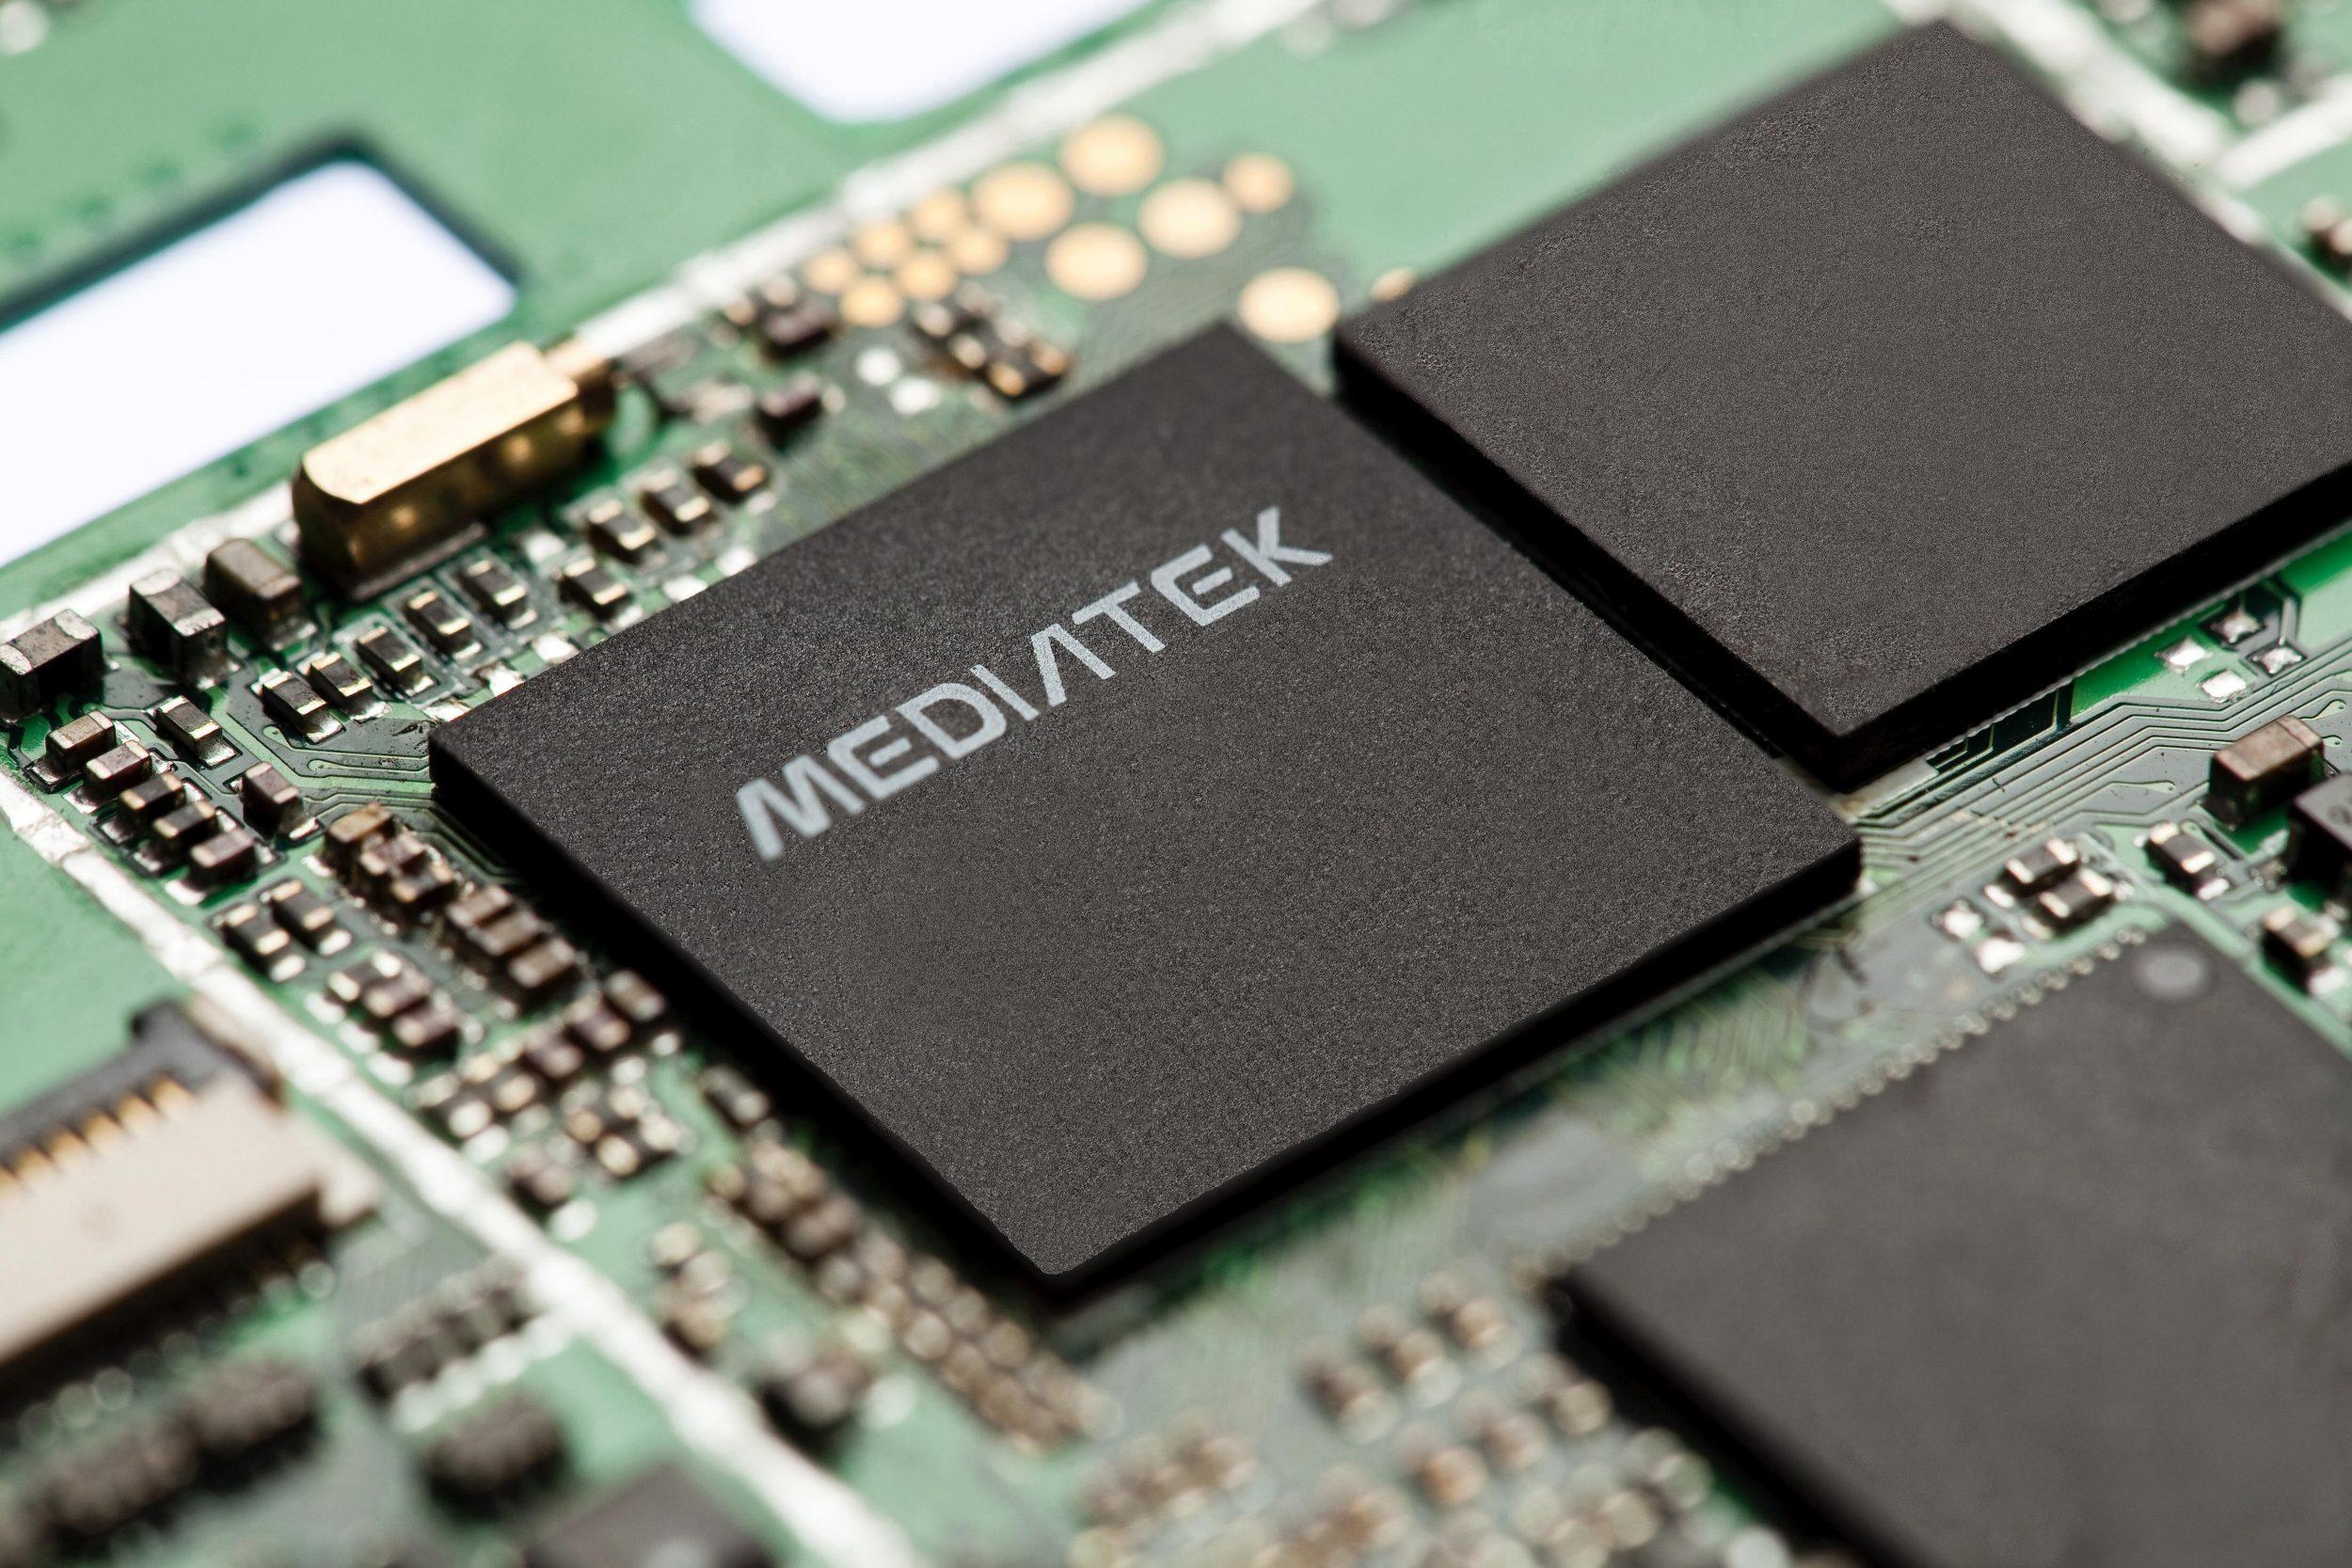 MediaTek che combini? Nuova storia di benchmark truccati, coinvolti OPPO Reno 3 Pro, Redmi Note 8 Pro e altri (foto) (aggiornato: arrivano provvedimenti)